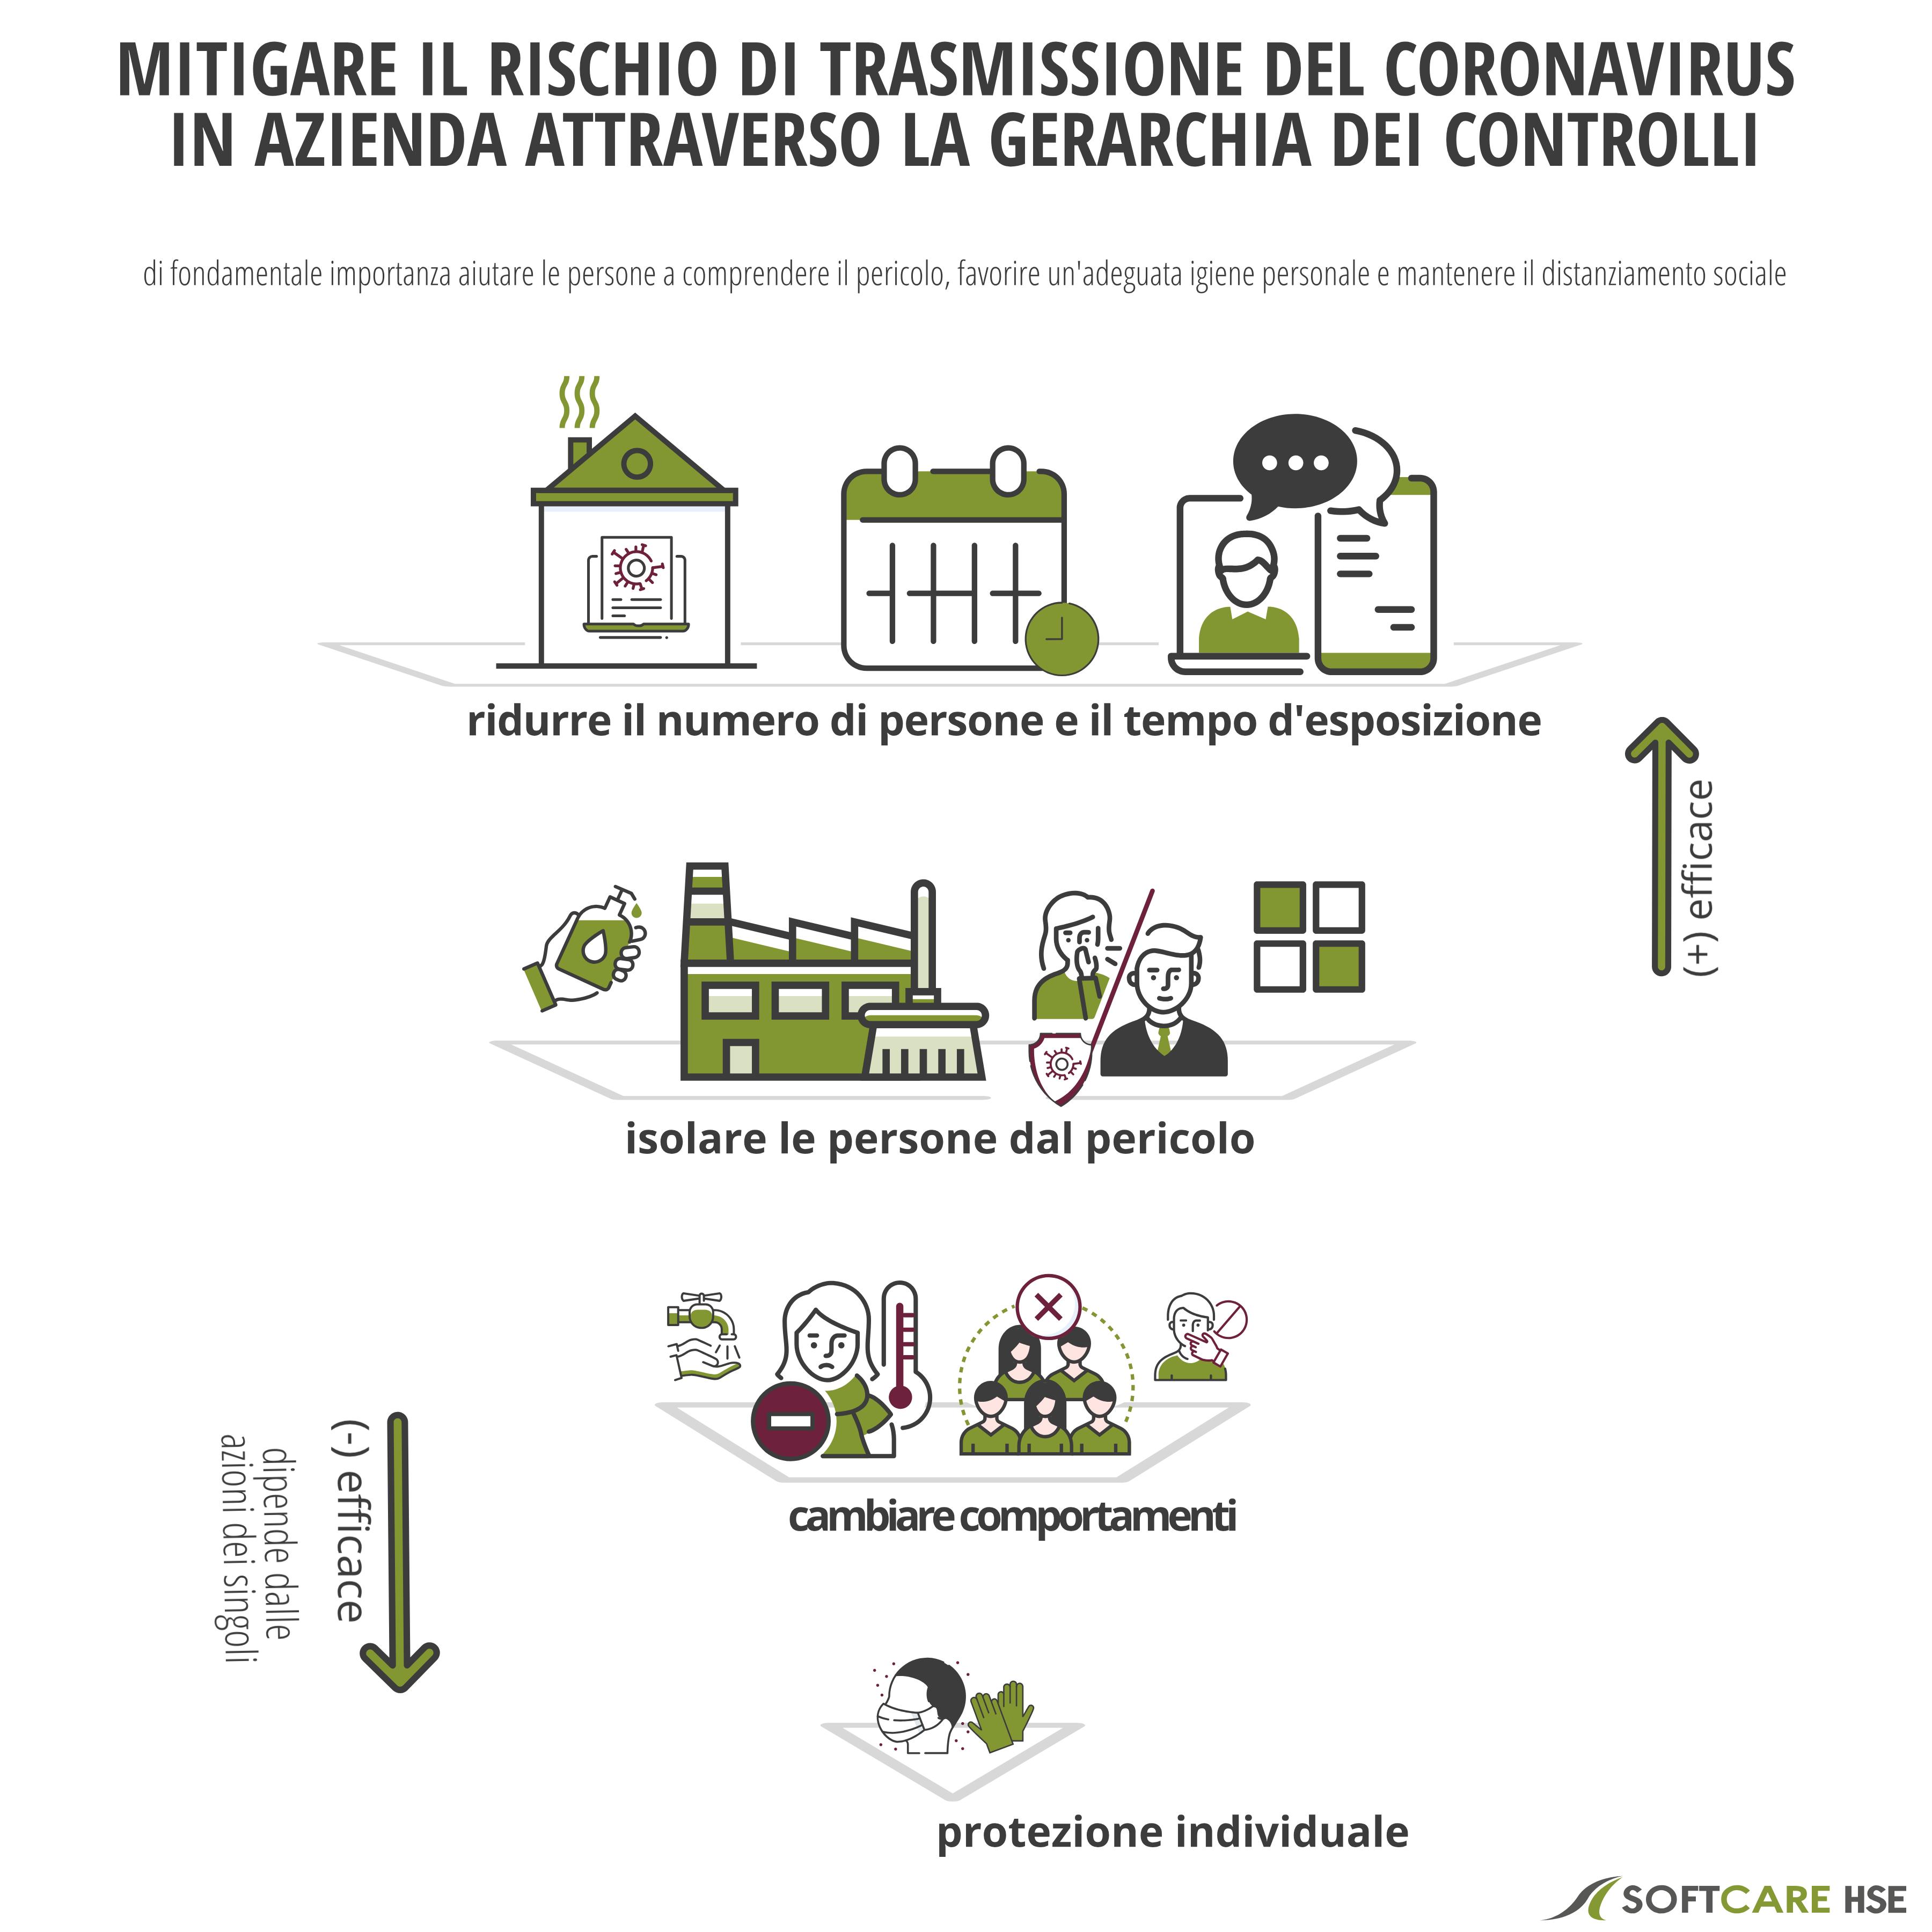 mitigare il rischio di trasmissione del coronavirus in azienda applicando la gerarchia controlli per la fase 2 di riapertura | softcare